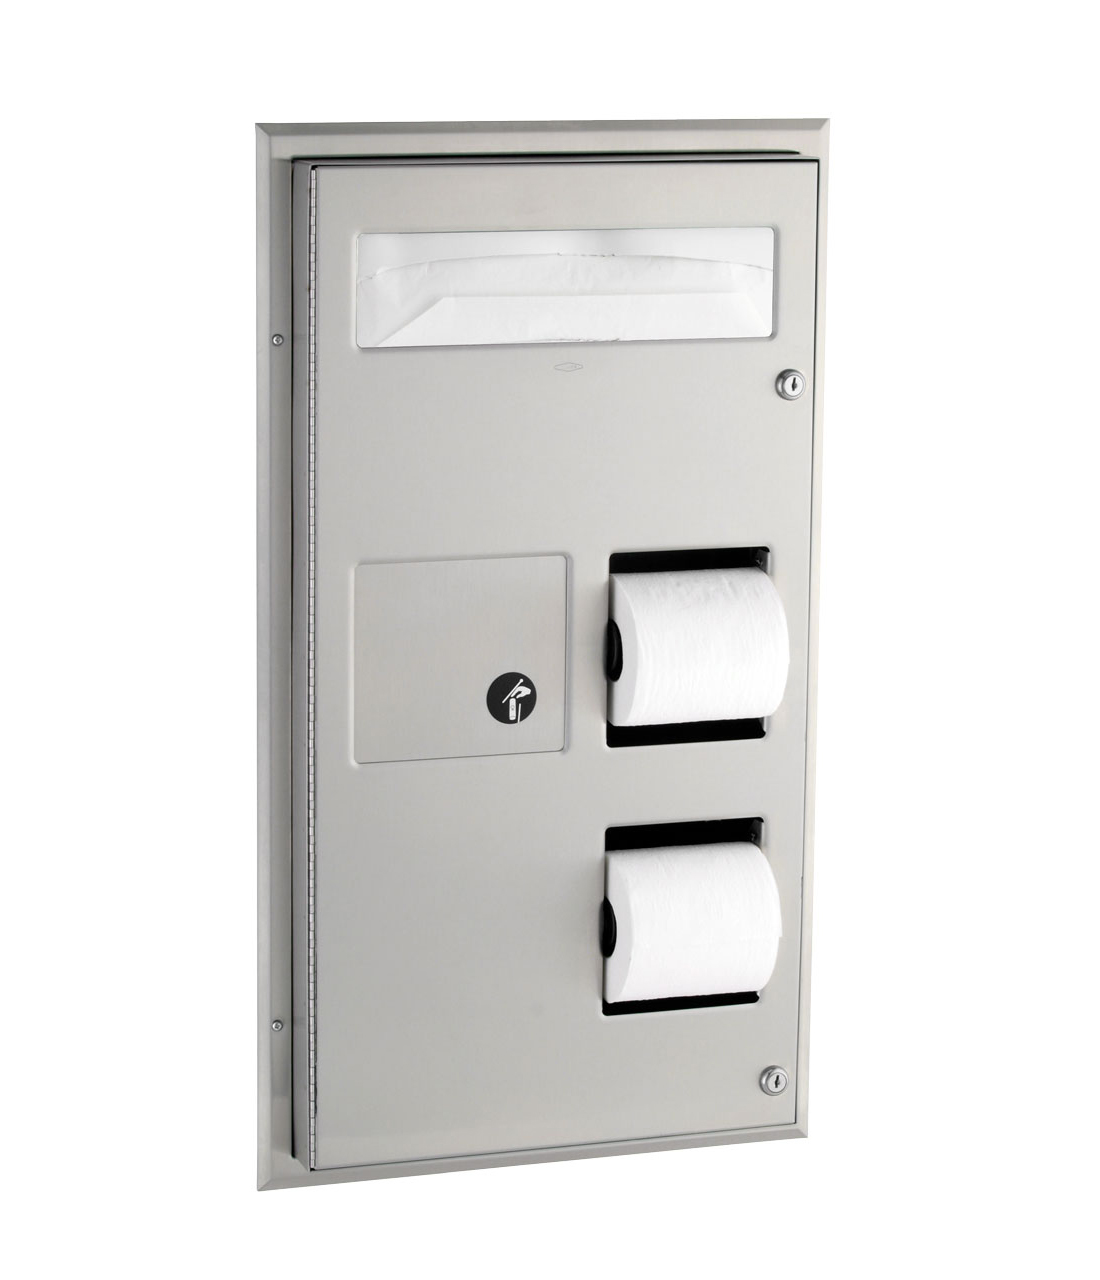 Bobrick B 357 Toilet Seat Cover Dispenser Toilet Paper Holder